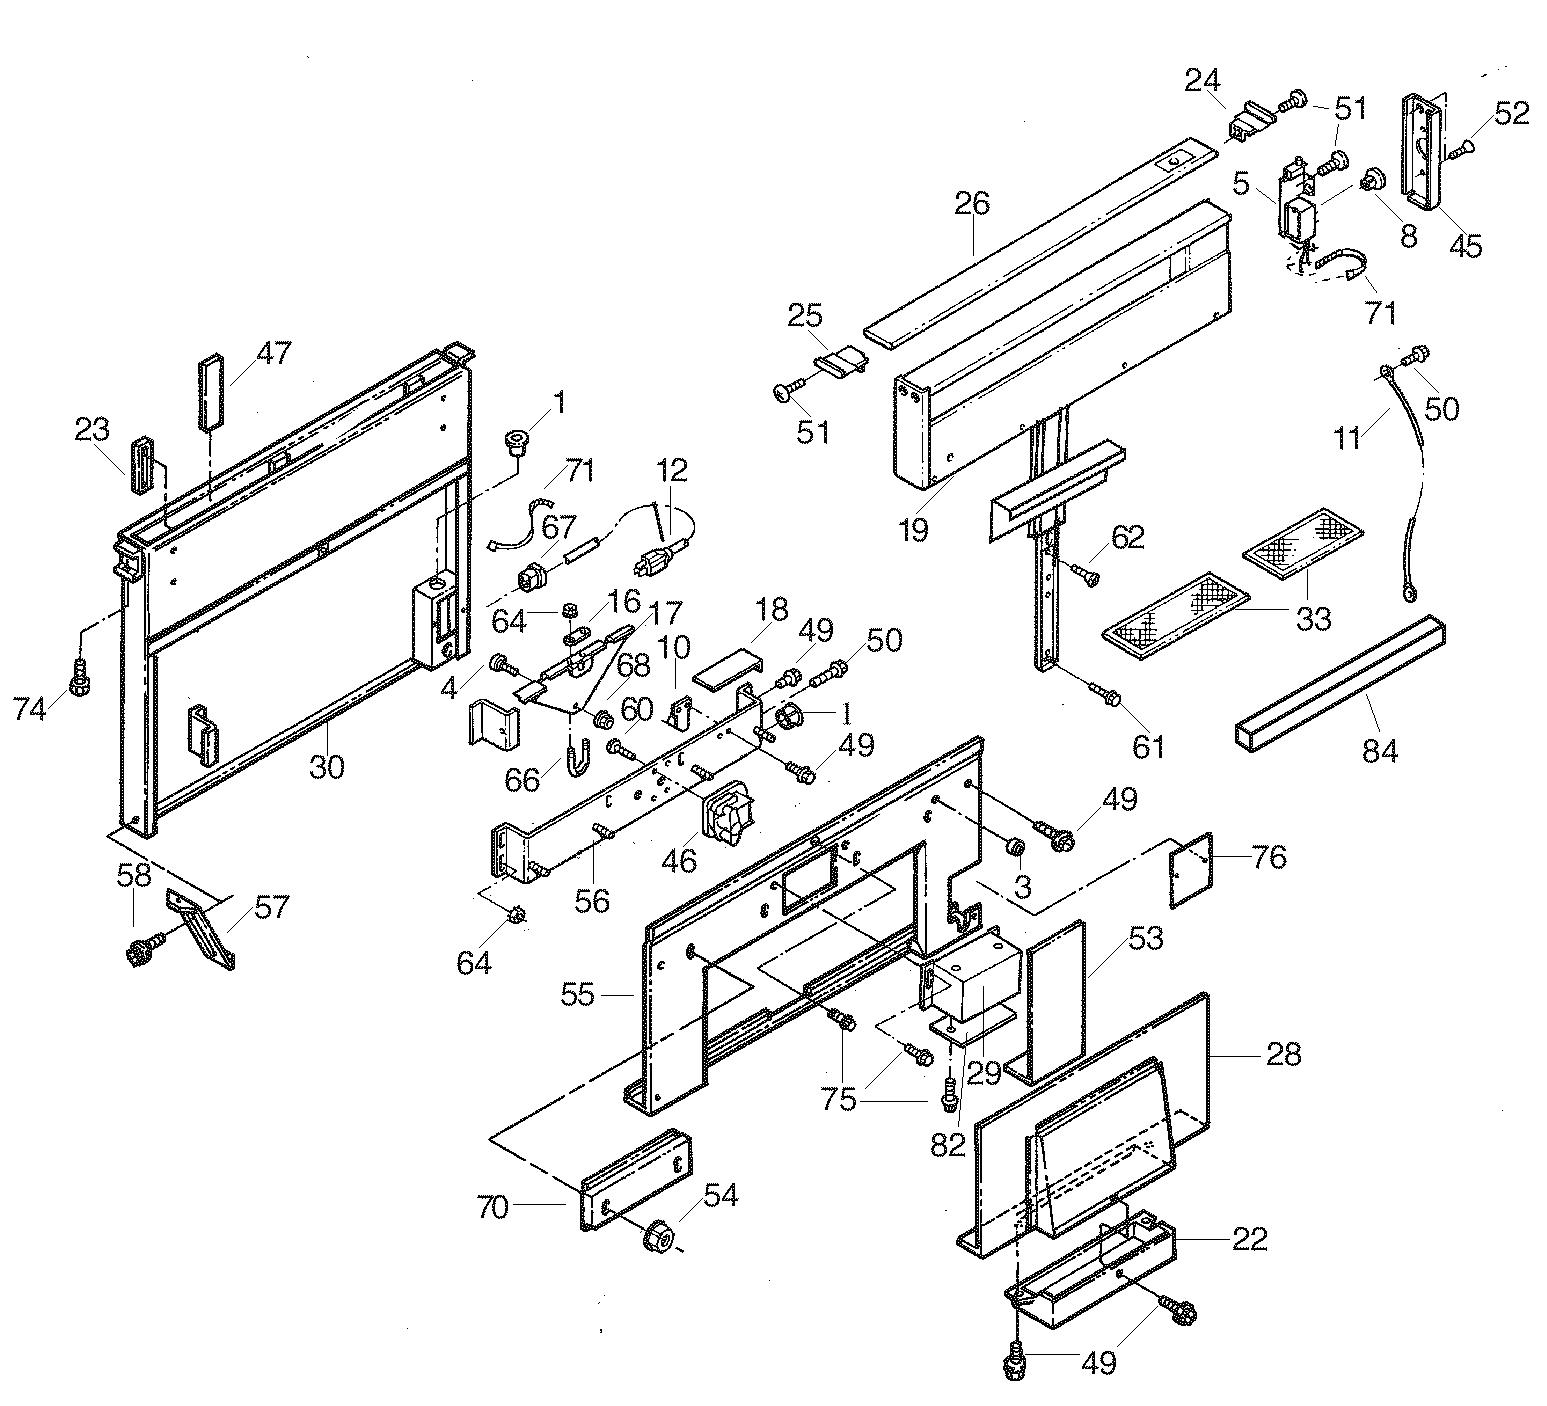 Broan model 283003 range hood genuine parts